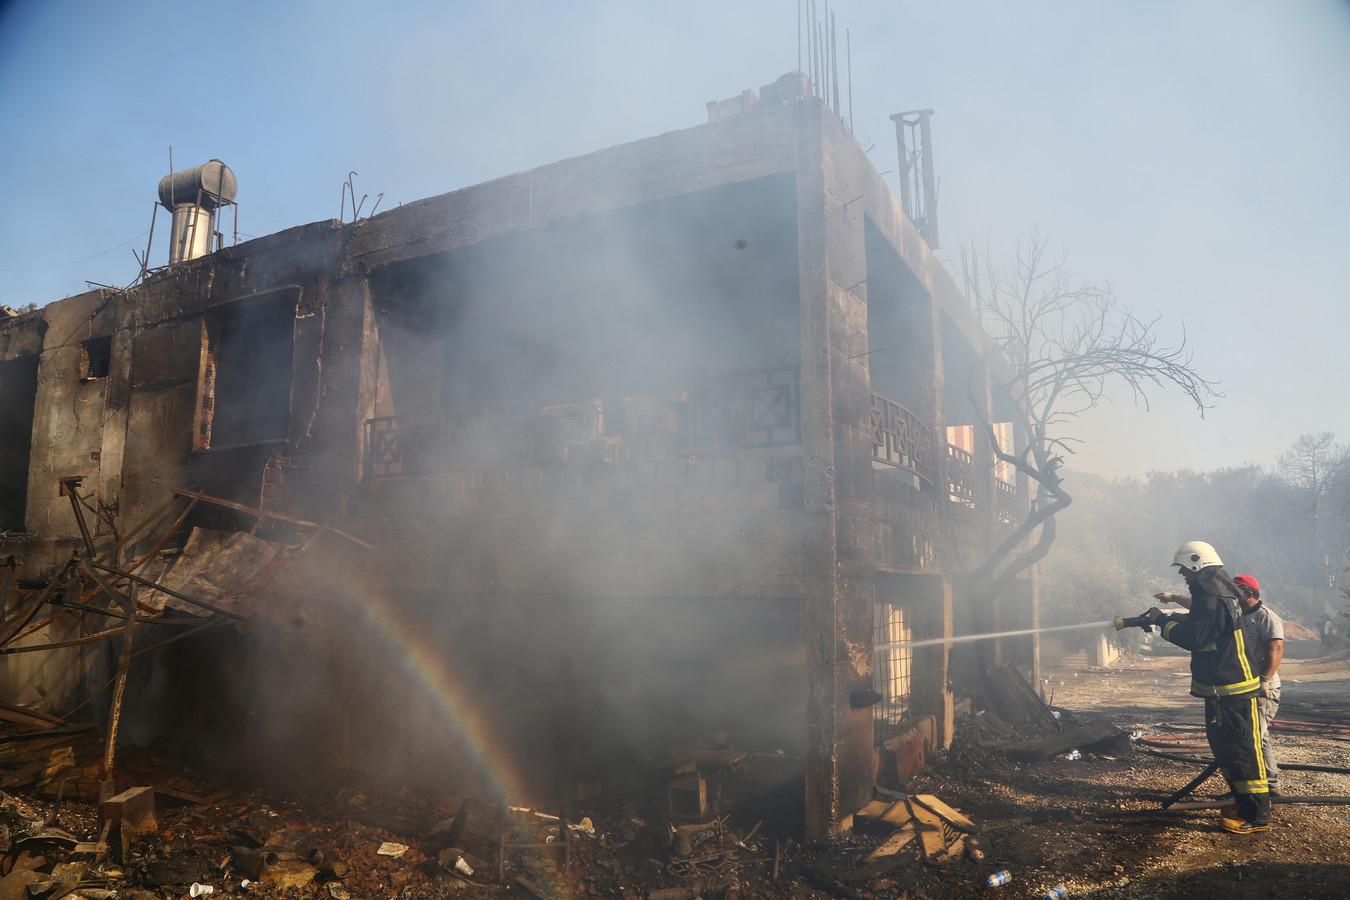 Beelden uit de Turkse stad Manavgat, dat zwaar getroffen is door bosbranden.